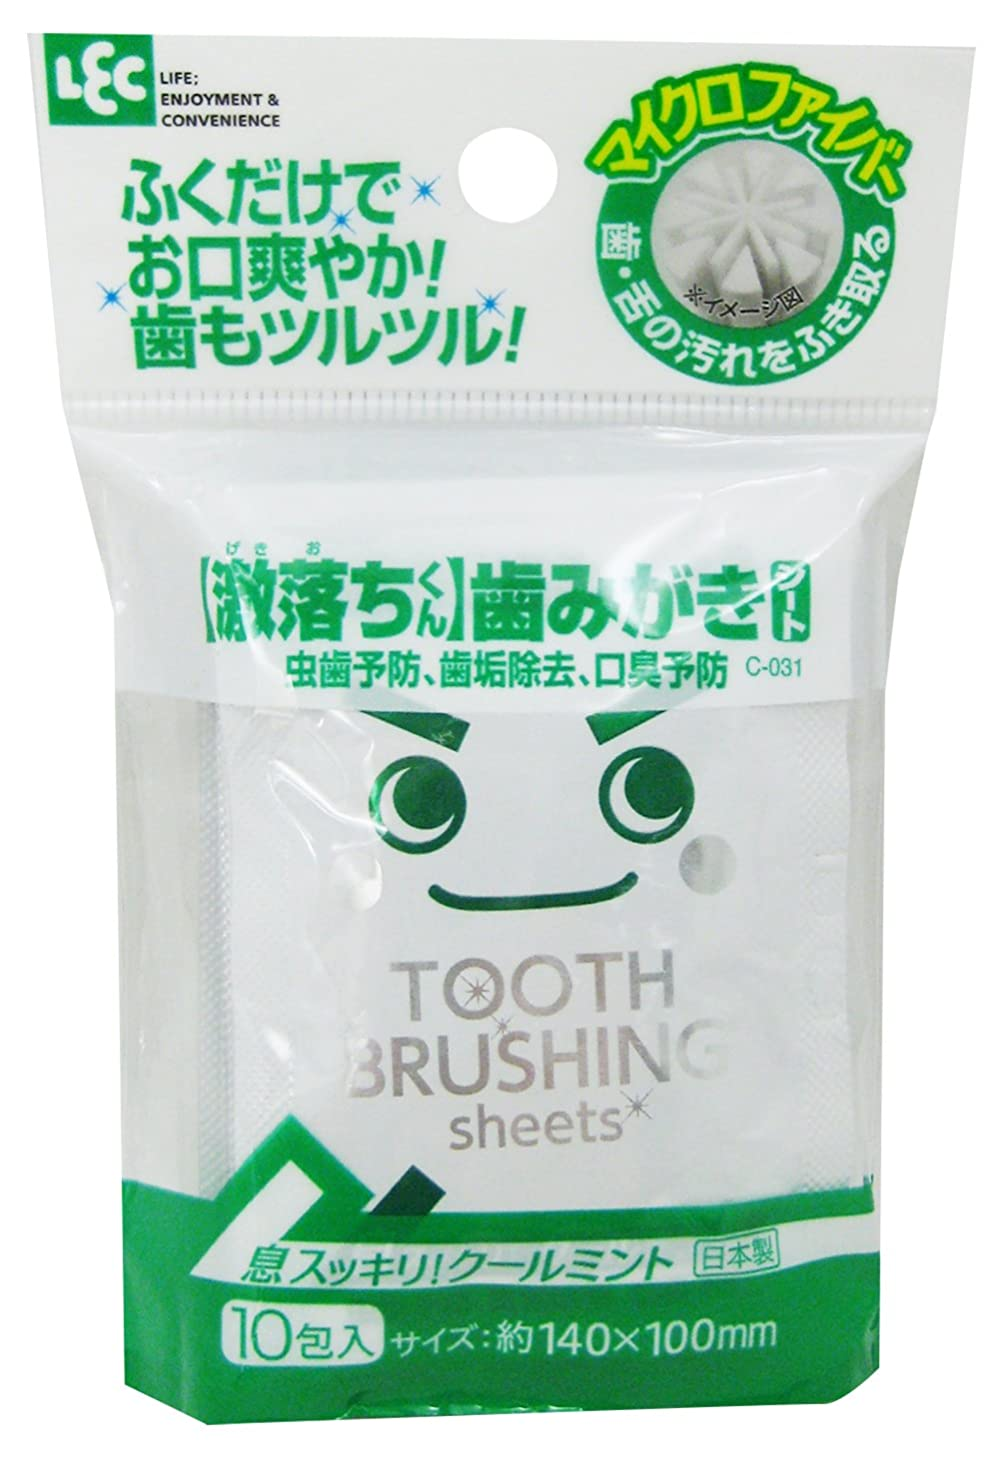 フライト小麦粉思想【激落ちくん】歯みがきシート 10包